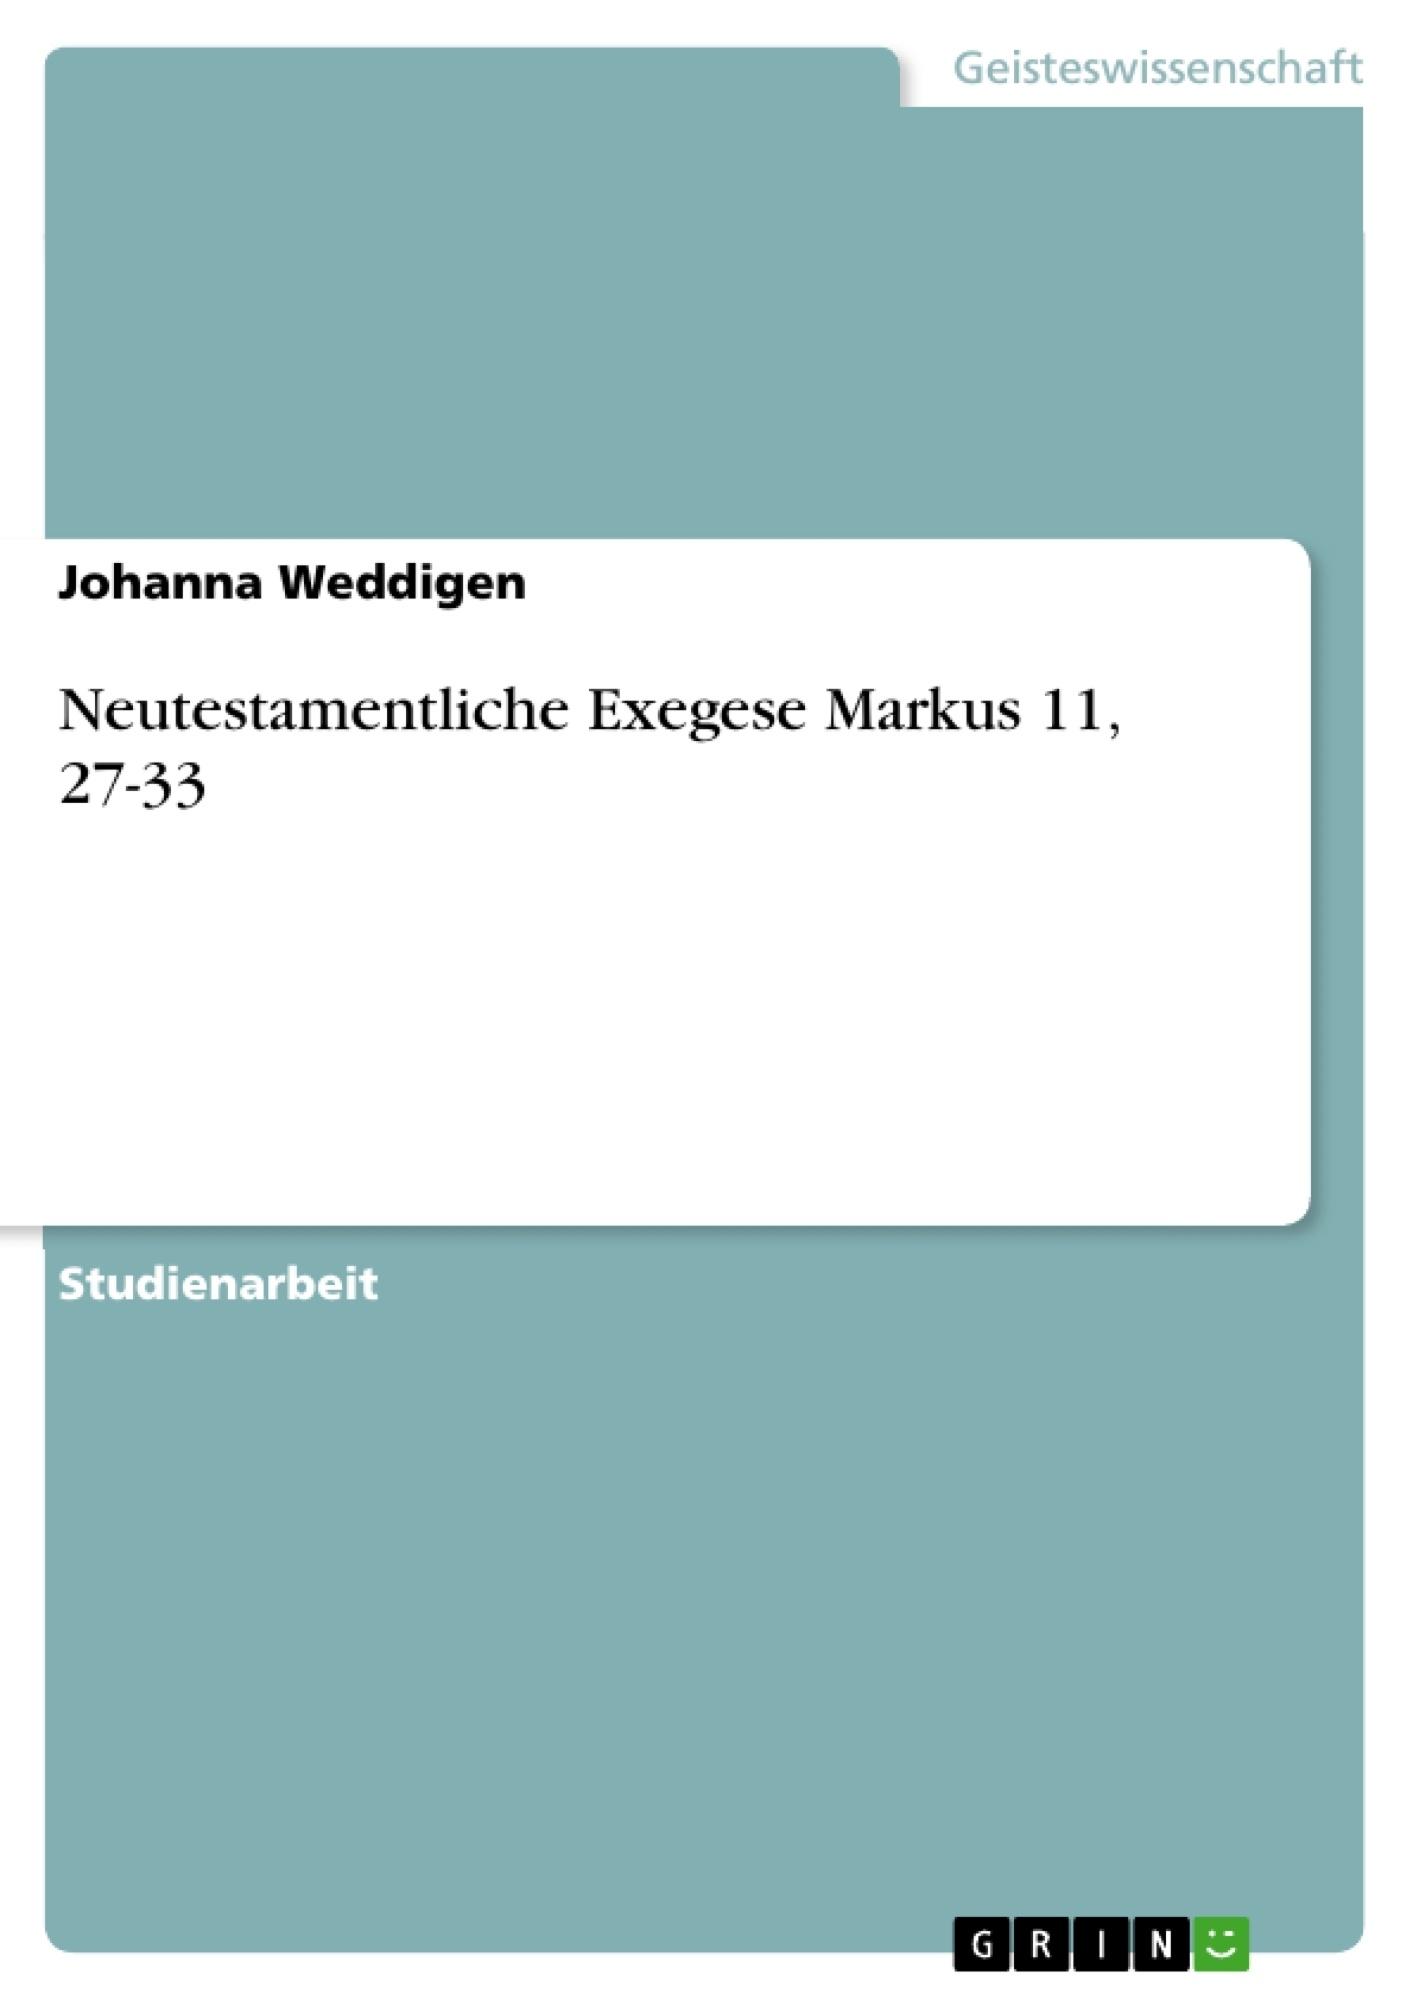 Titel: Neutestamentliche Exegese Markus 11, 27-33